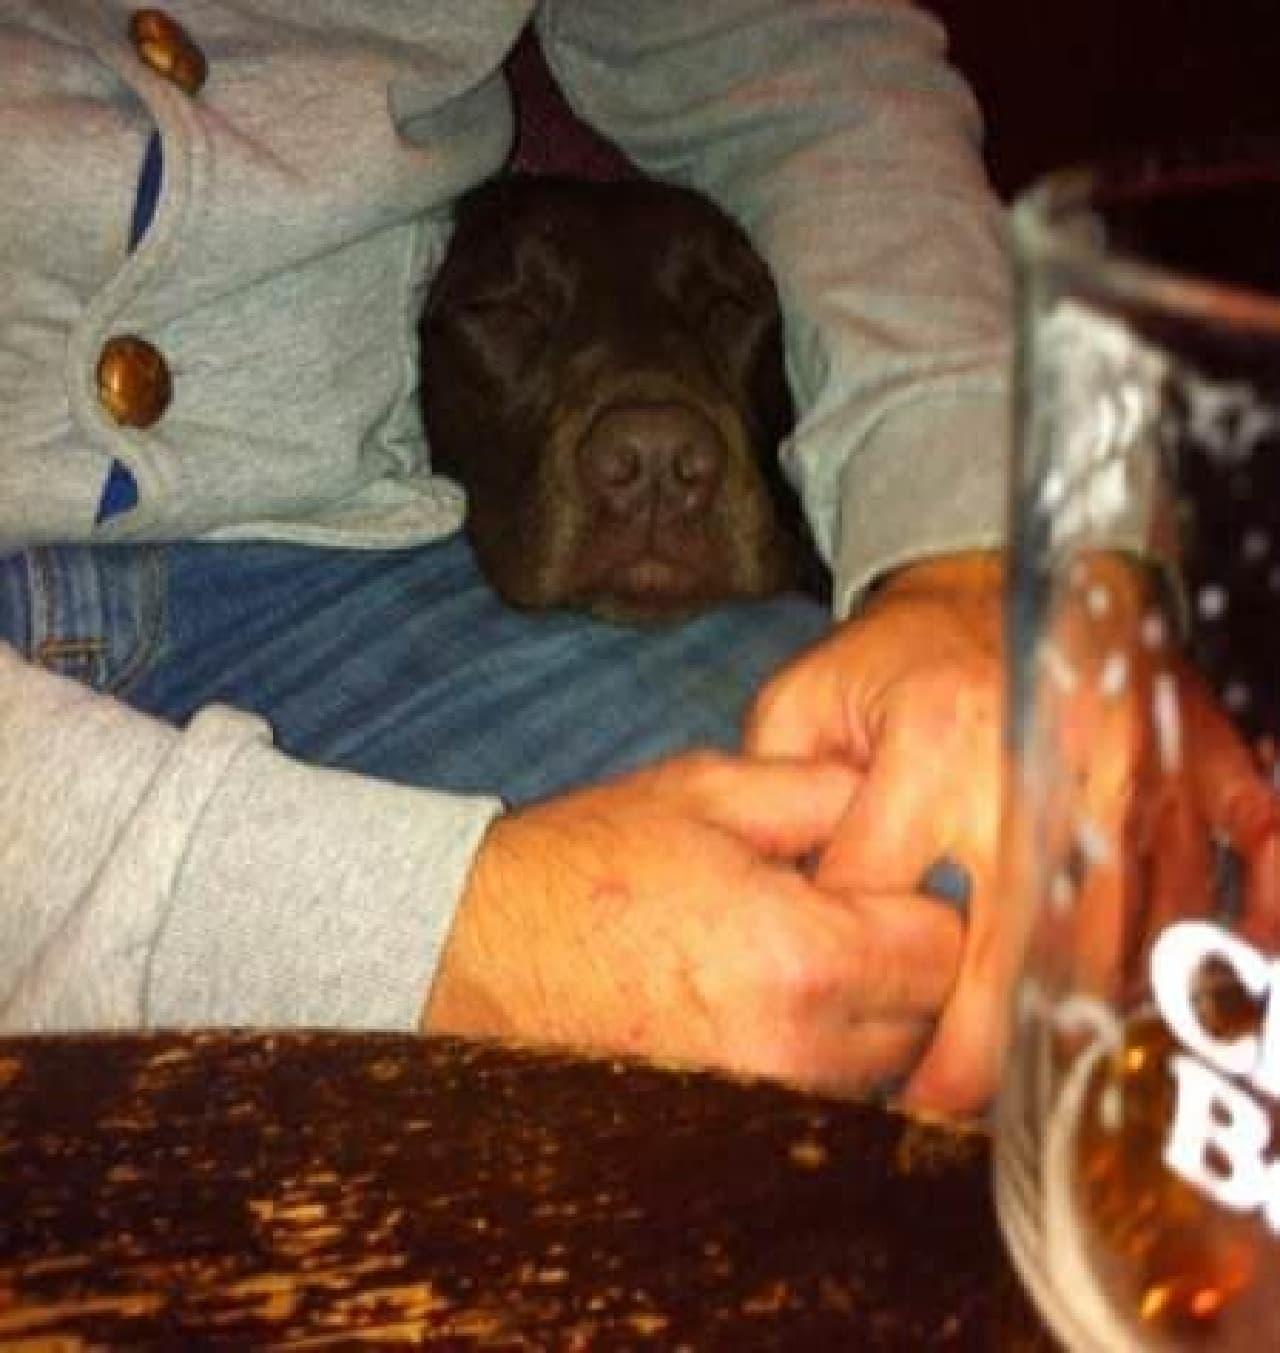 「もう眠いワン...」  (出典:Dogs in Pubs)